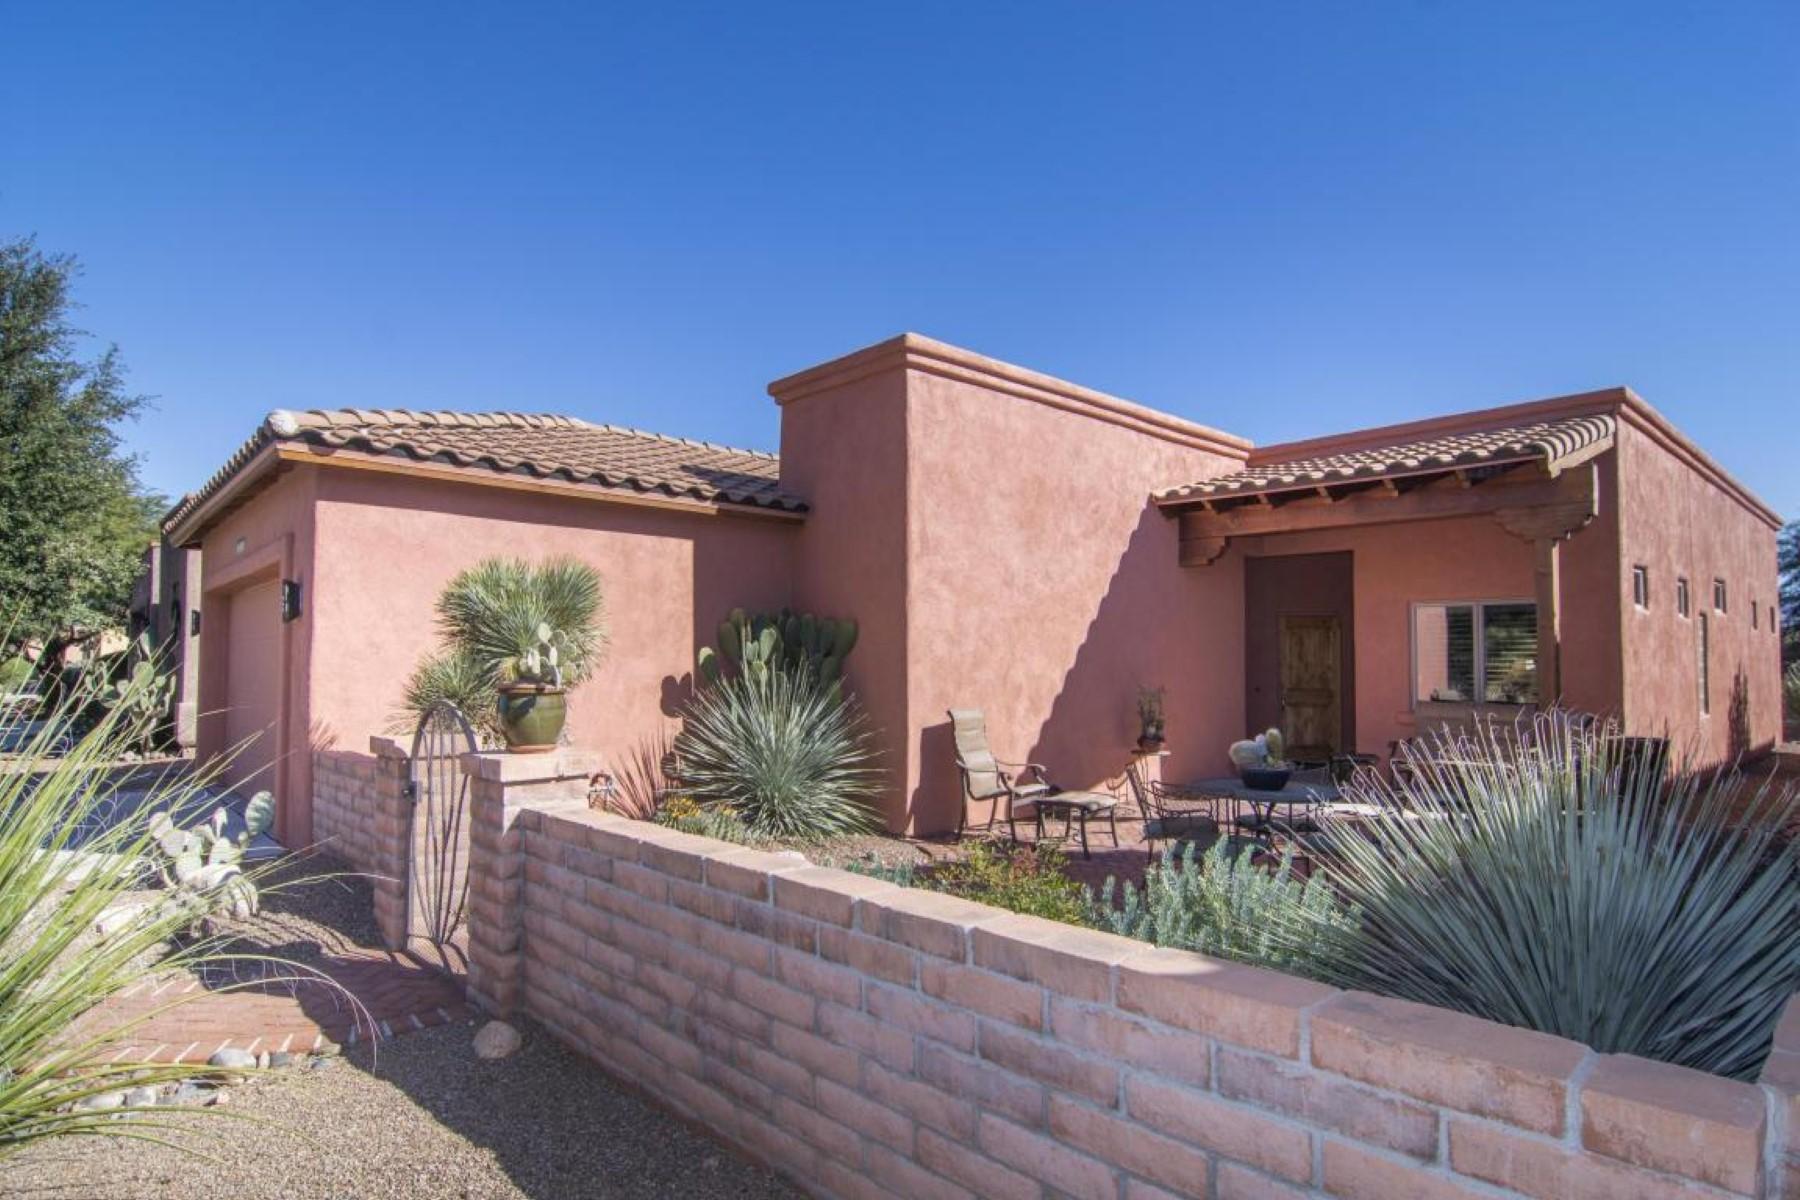 独户住宅 为 销售 在 Lovely home in the sought-after San Miguel subdivision 2219 Paseo Tumacacori 图巴克, 亚利桑那州, 85646 美国